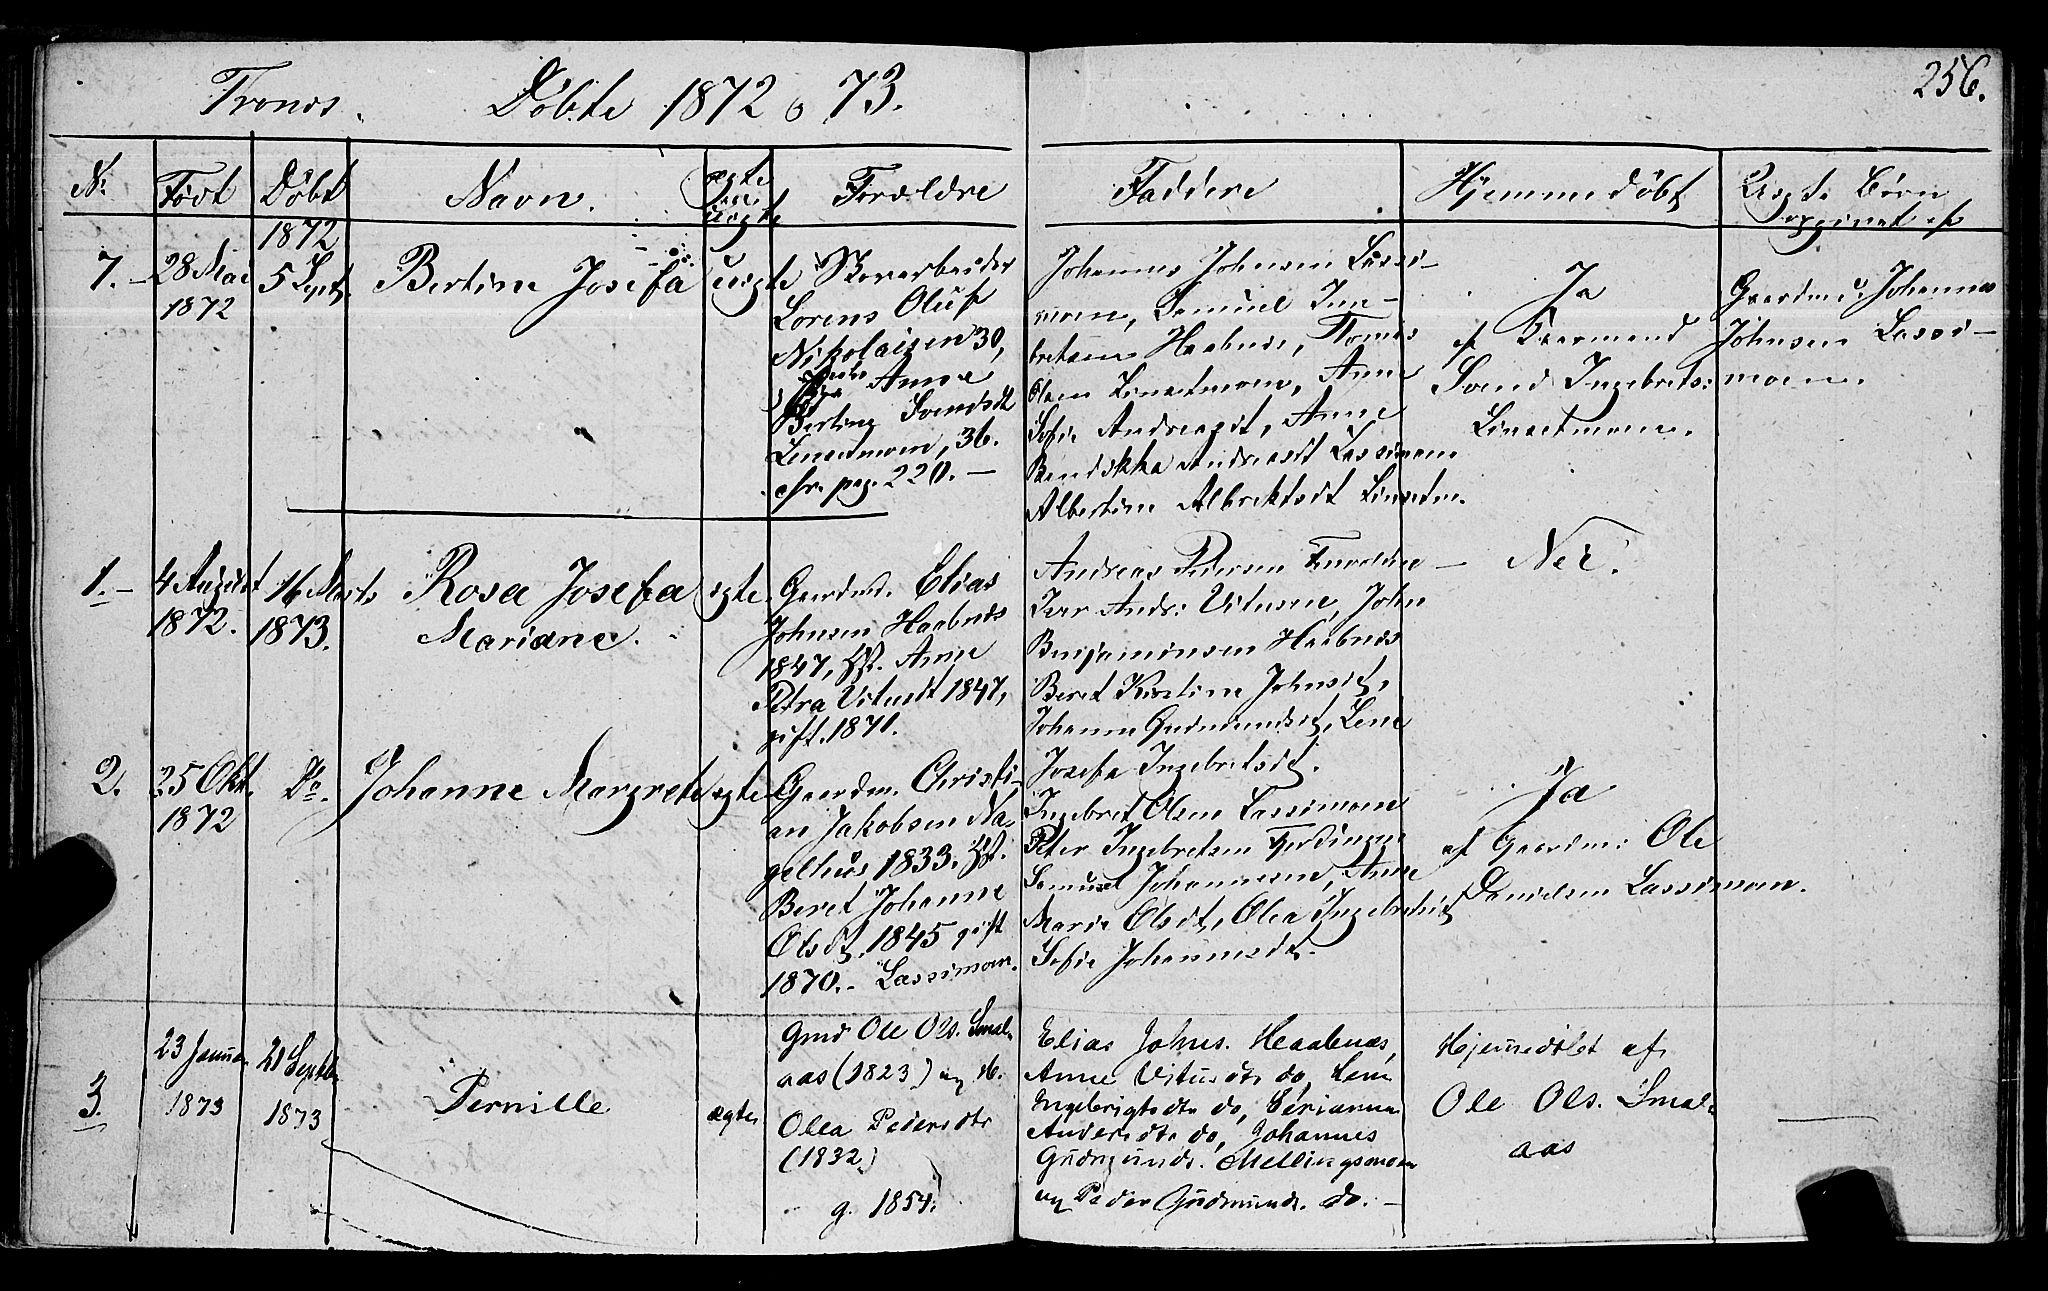 SAT, Ministerialprotokoller, klokkerbøker og fødselsregistre - Nord-Trøndelag, 762/L0538: Ministerialbok nr. 762A02 /2, 1833-1879, s. 256